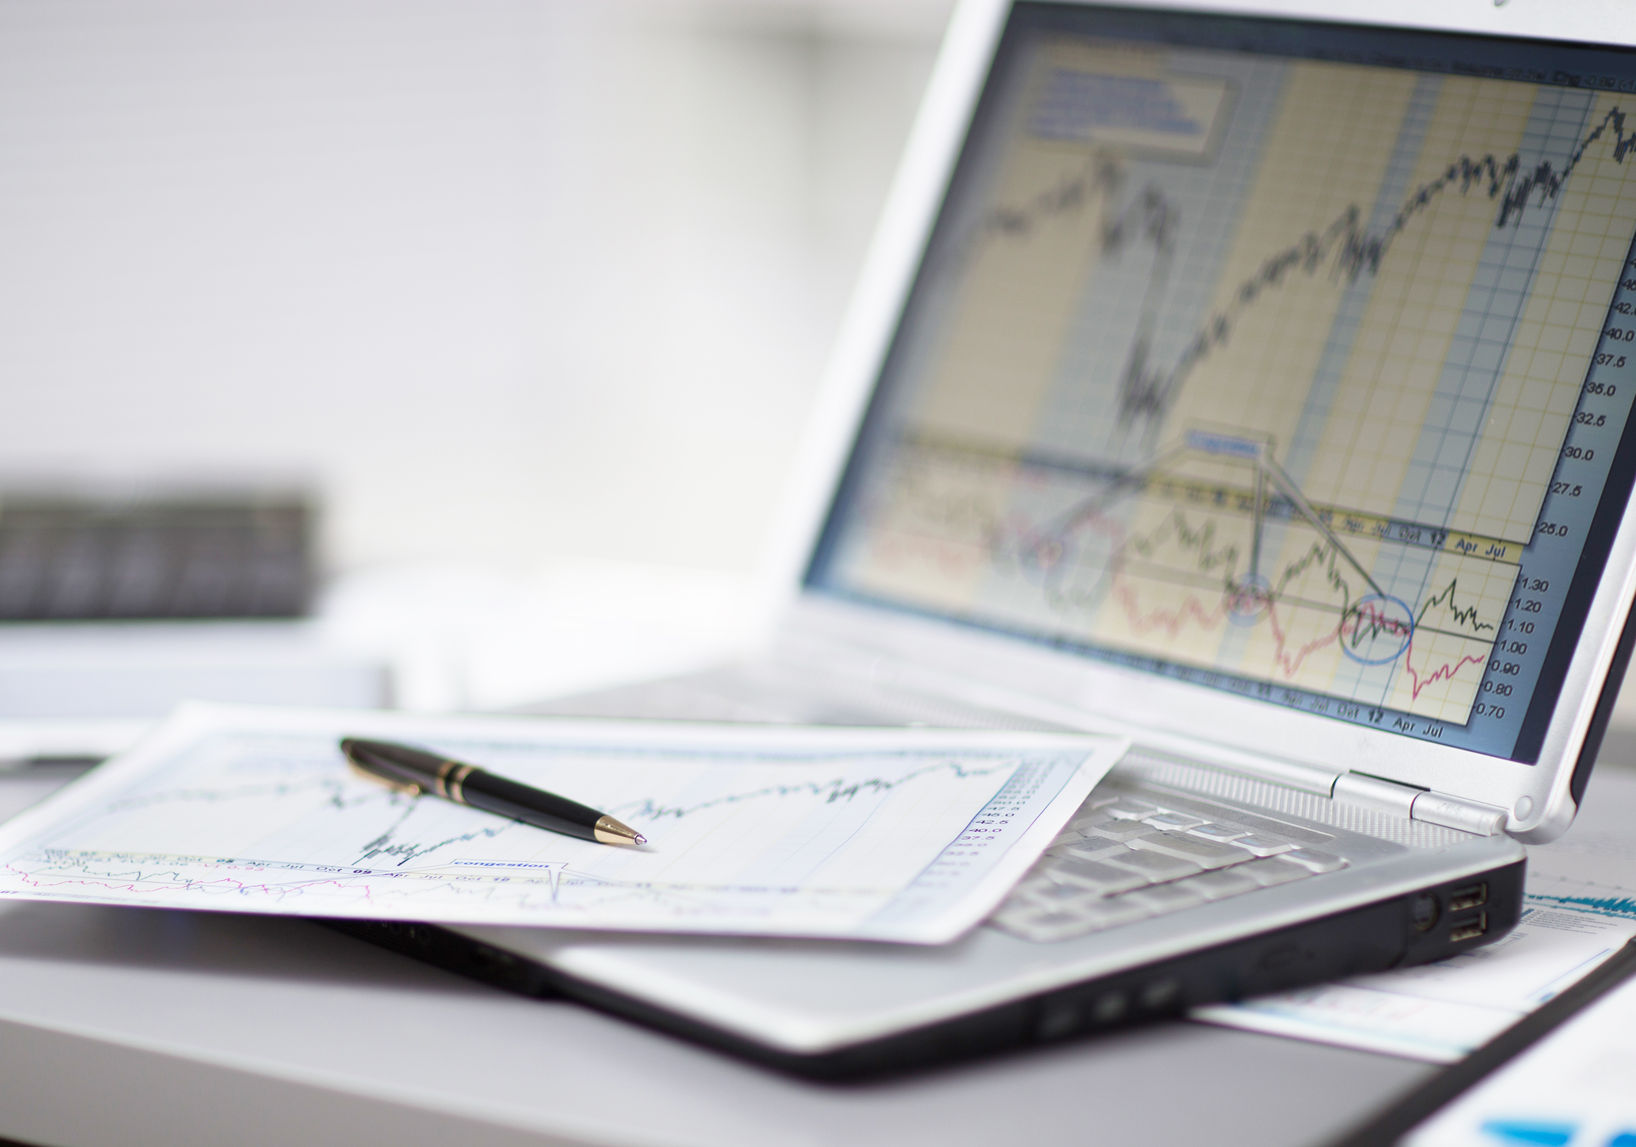 三要素踏准主题投资节拍